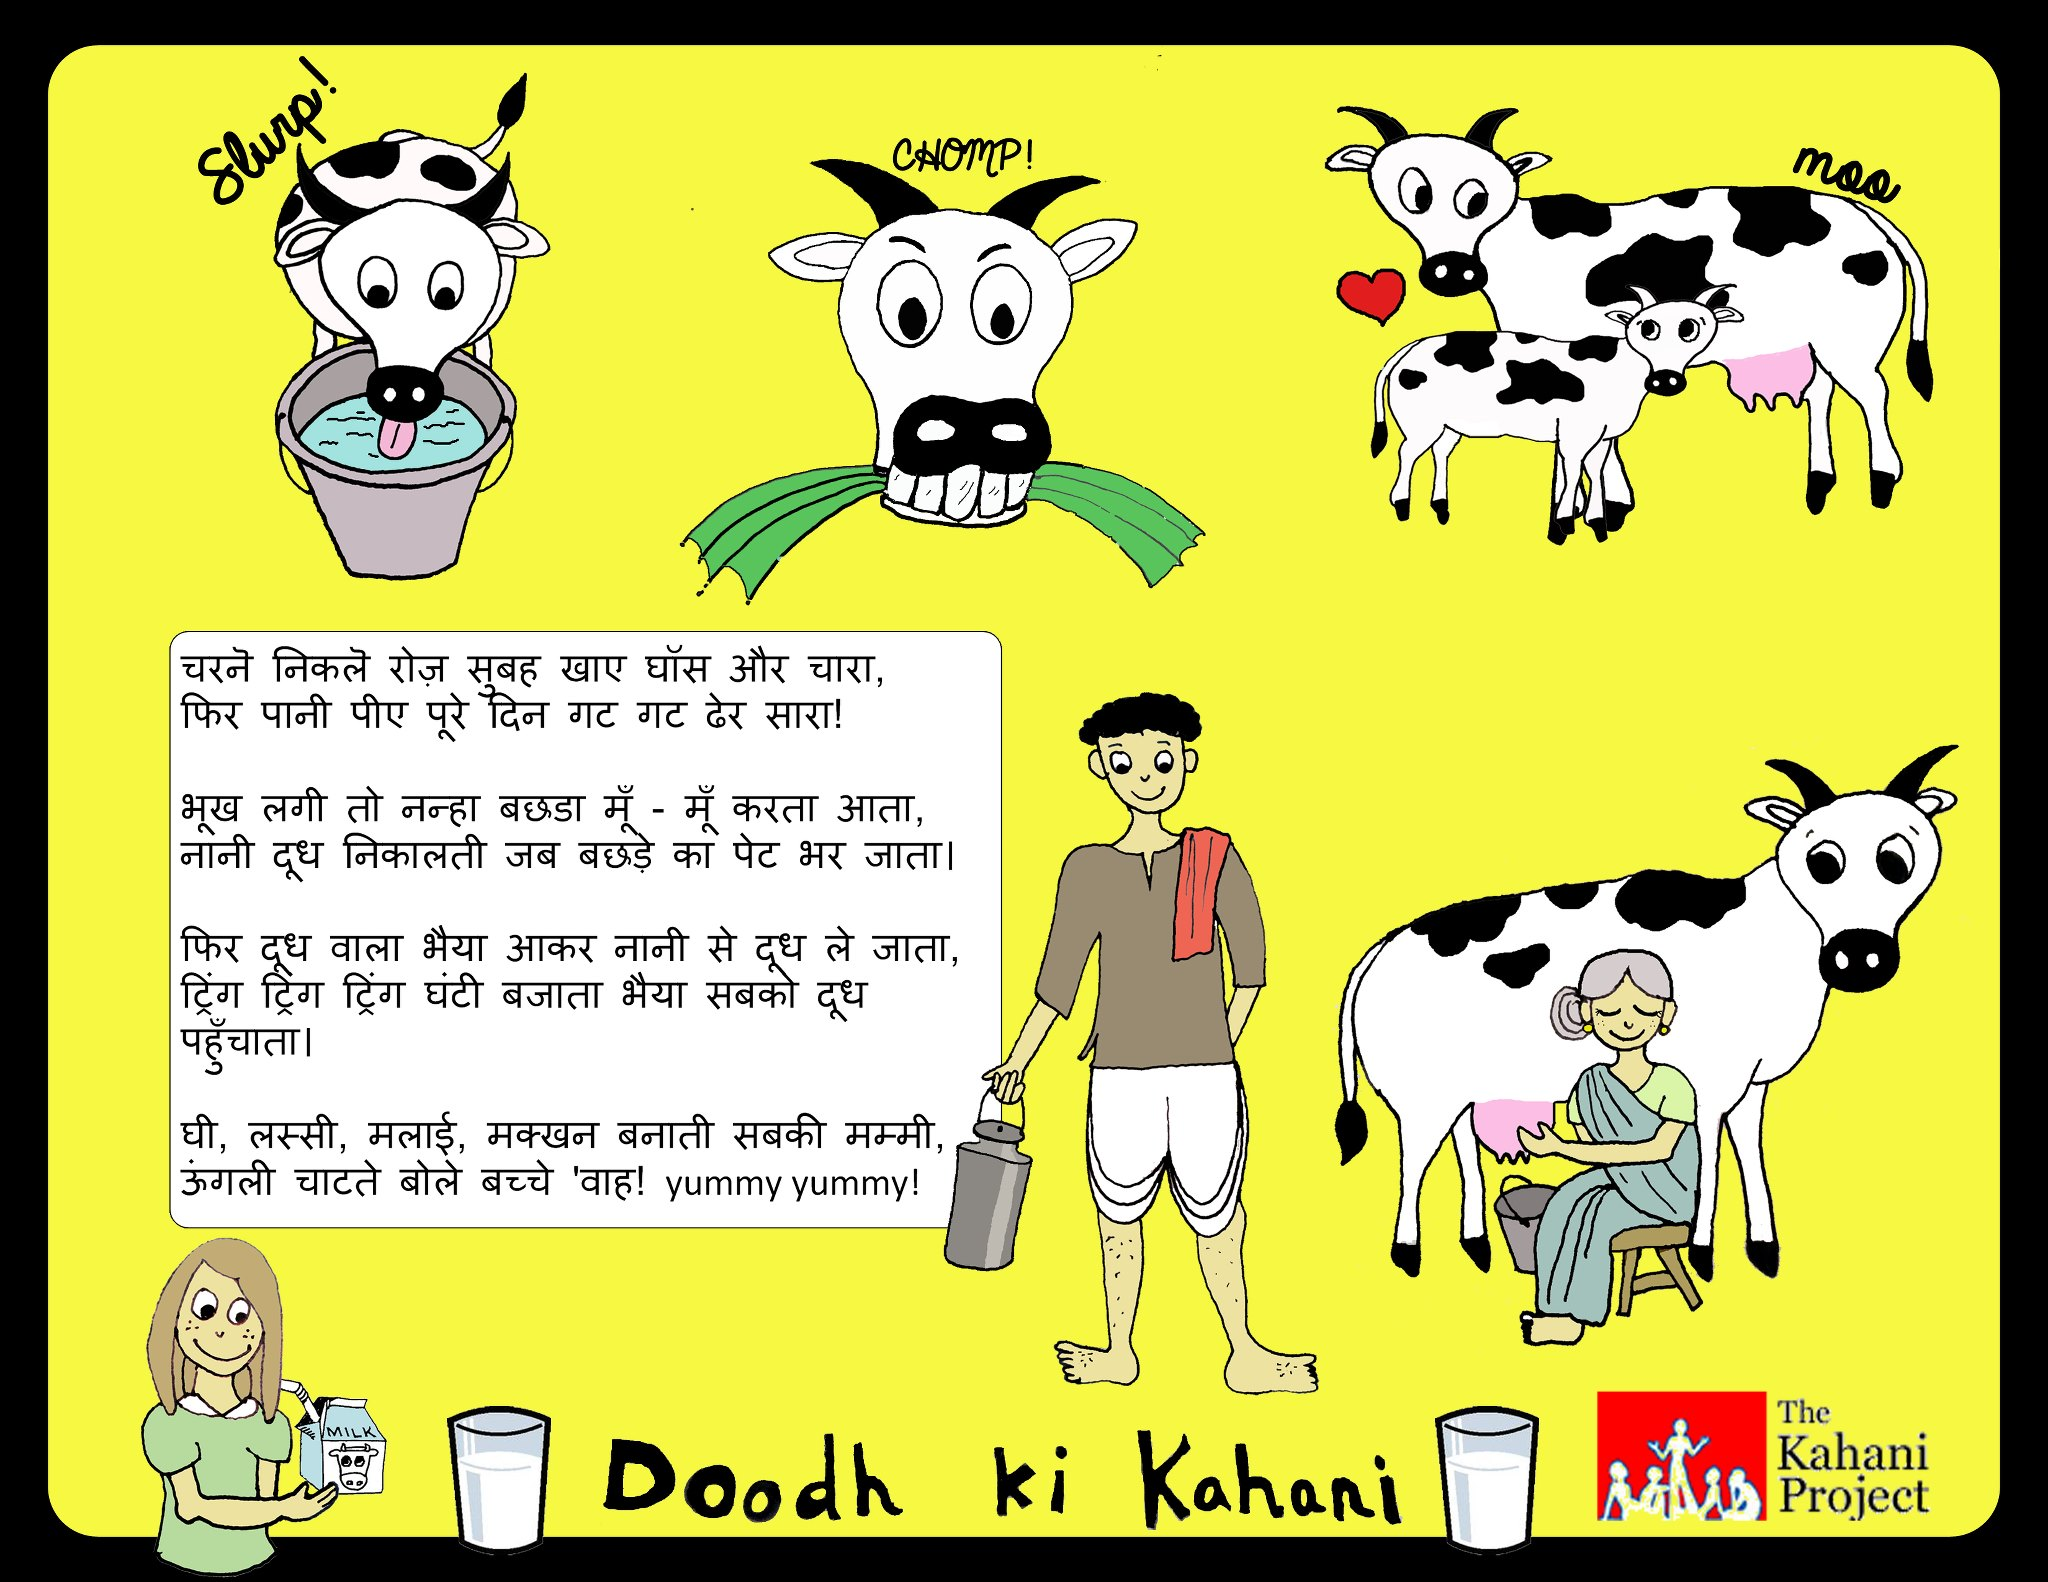 wel e to the kahani project   the kahani project